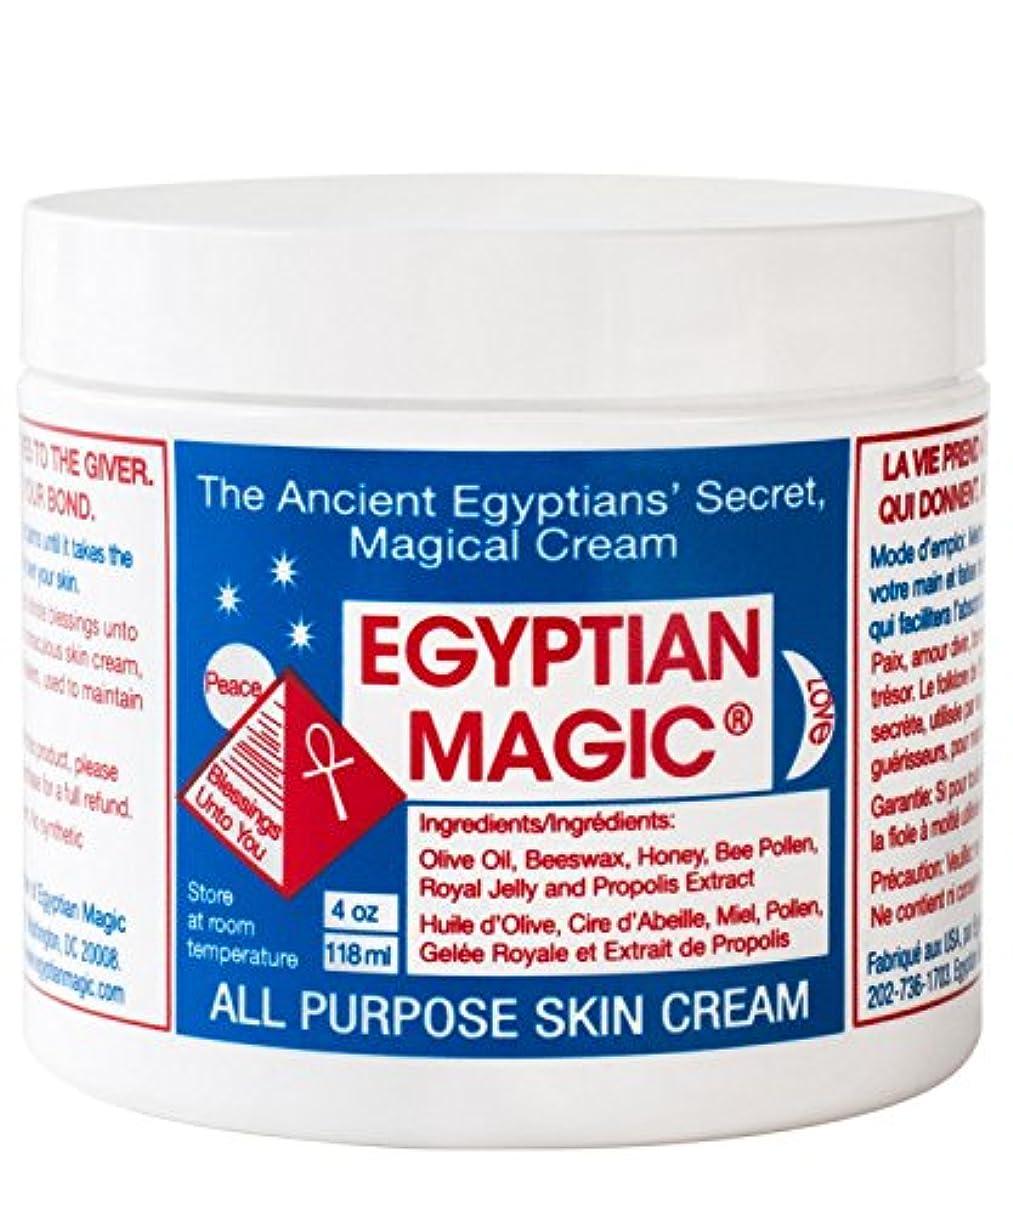 シロナガスクジラ異常太鼓腹Egyptian Magic All Purpose Skin Cream 118ml (Pack of 6) - エジプトの魔法の万能スキンクリーム118ミリリットル x6 [並行輸入品]